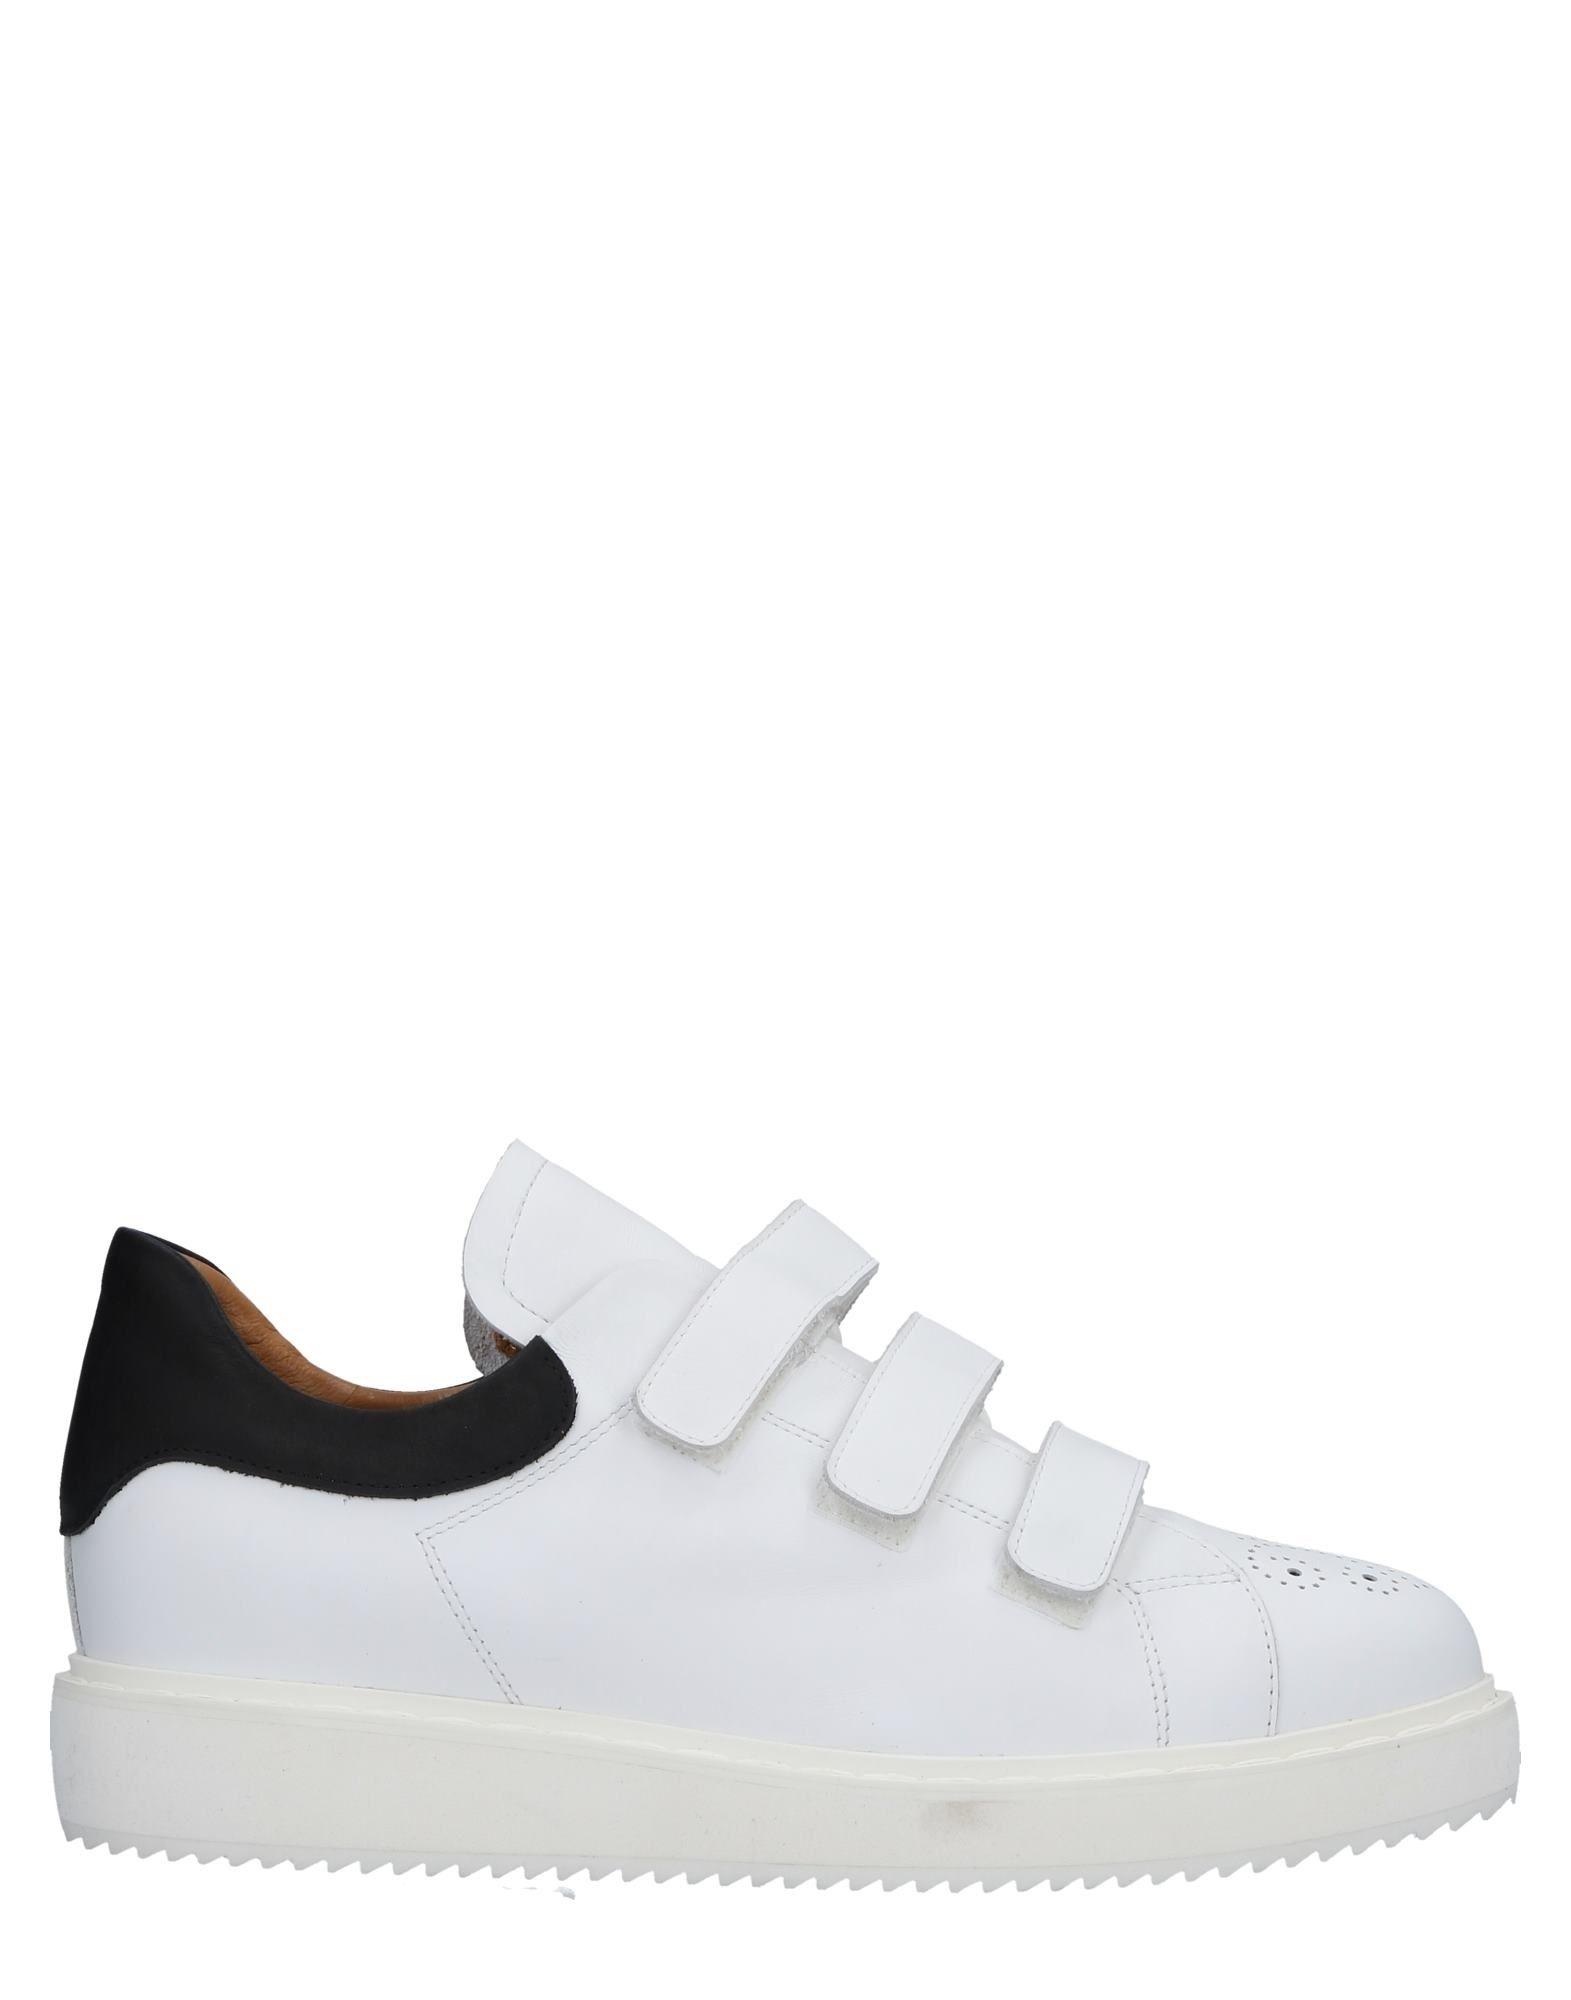 Rabatt echte Schuhe Via Roma 15 Sneakers Herren  11518573JO